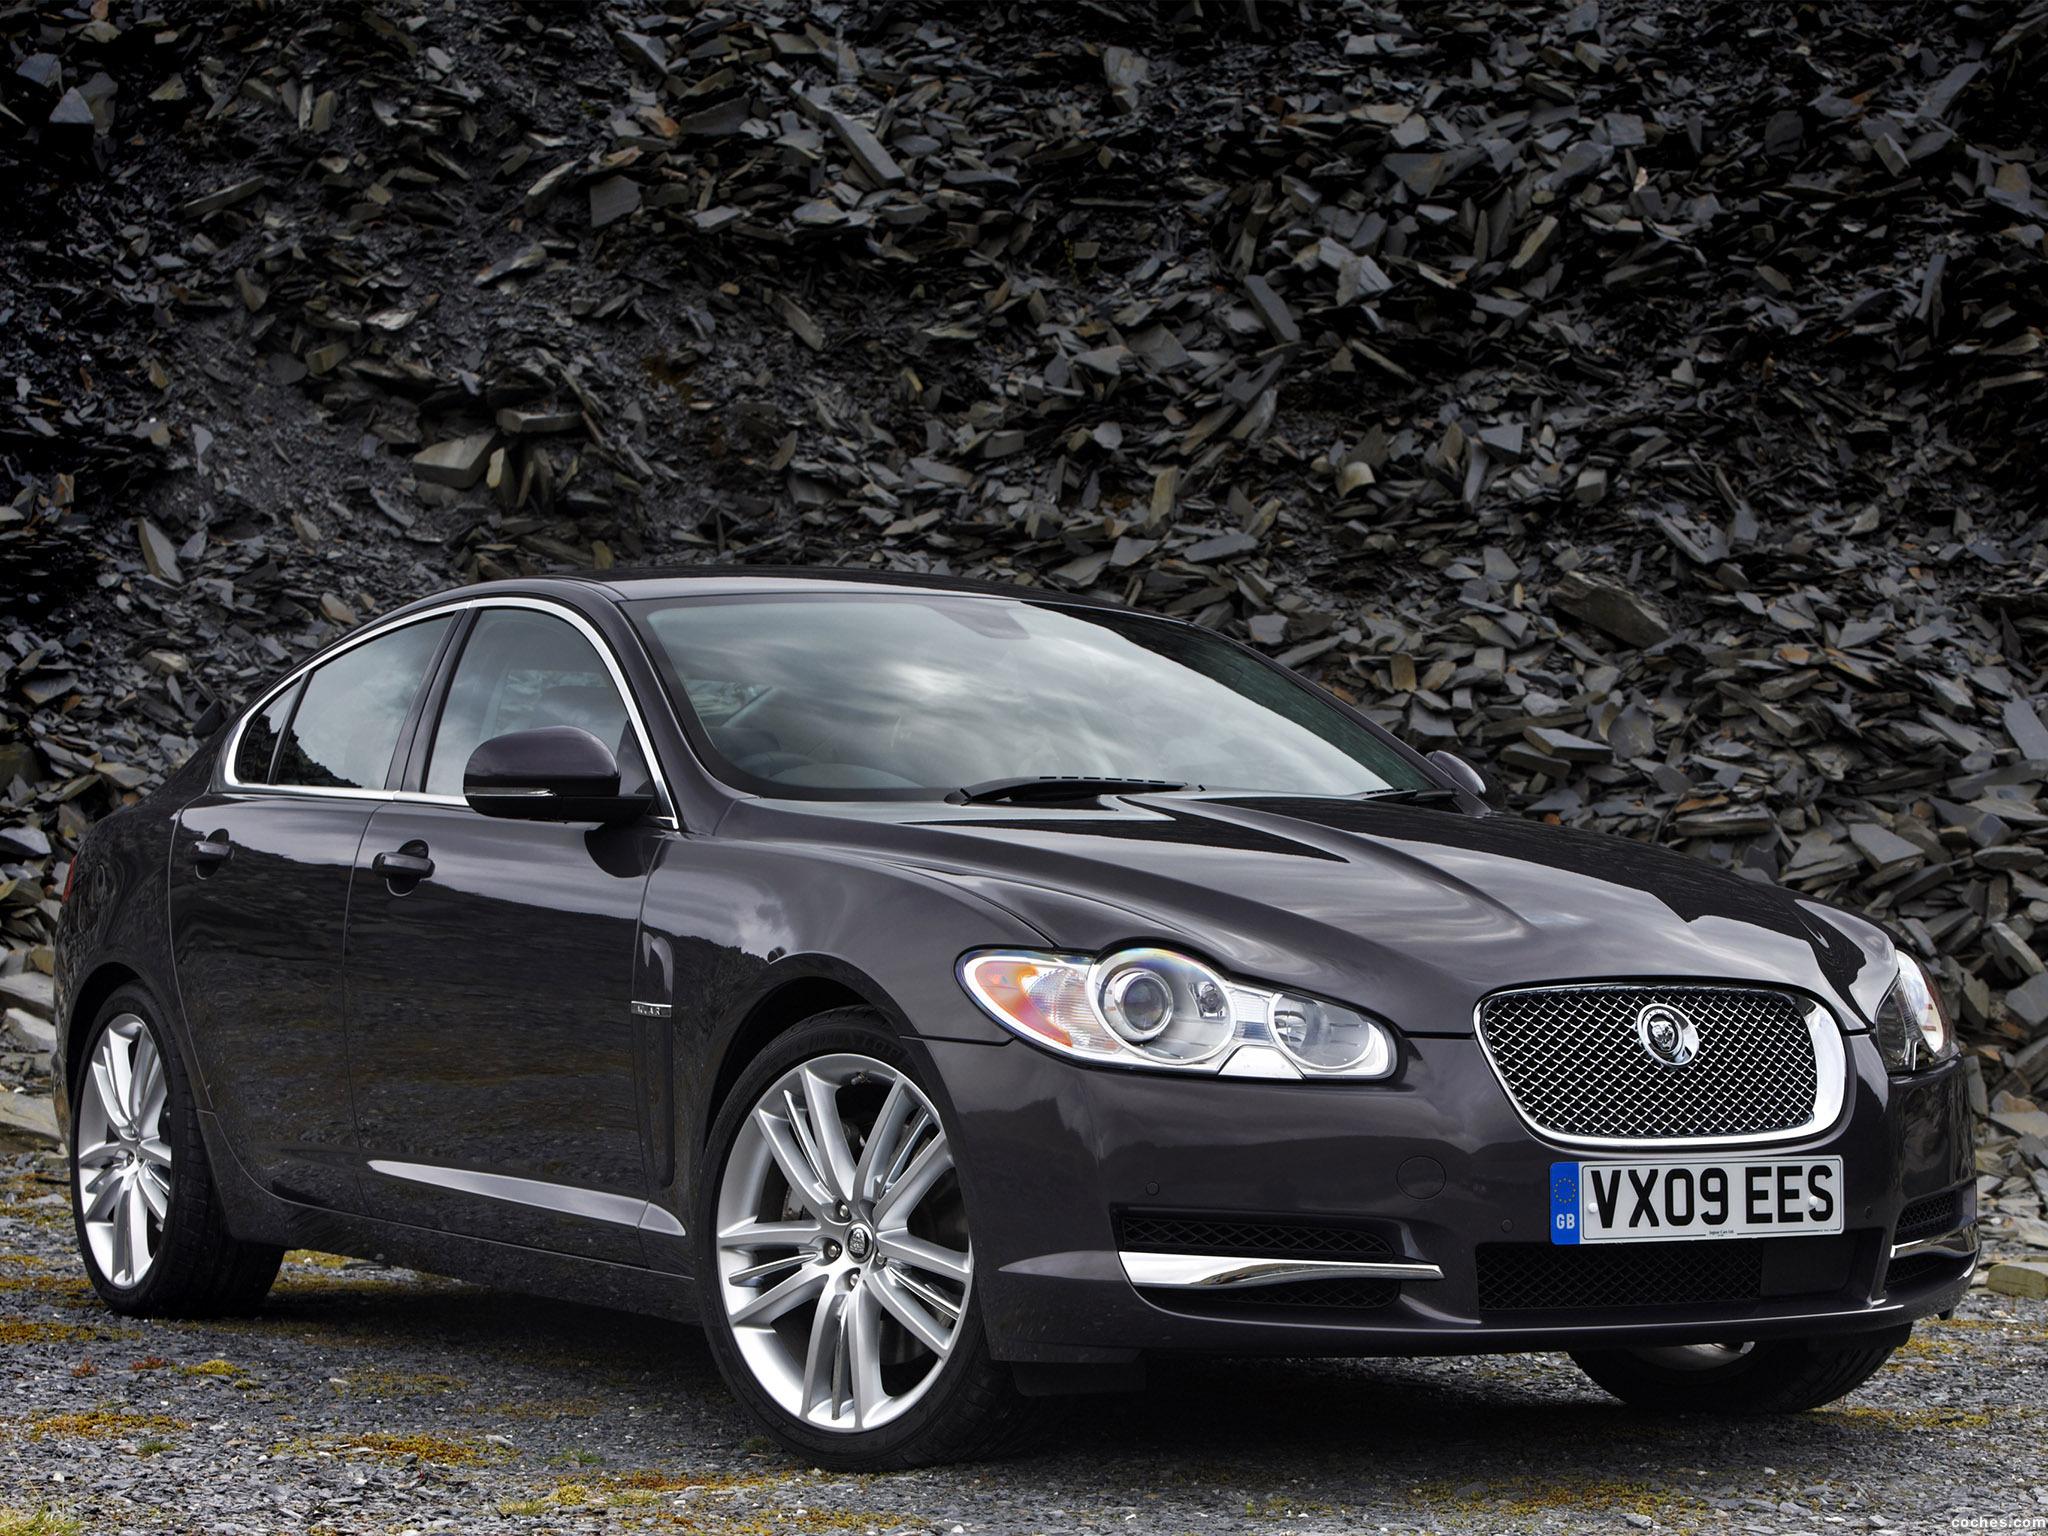 Foto 0 de Jaguar XF Diesel S 2009